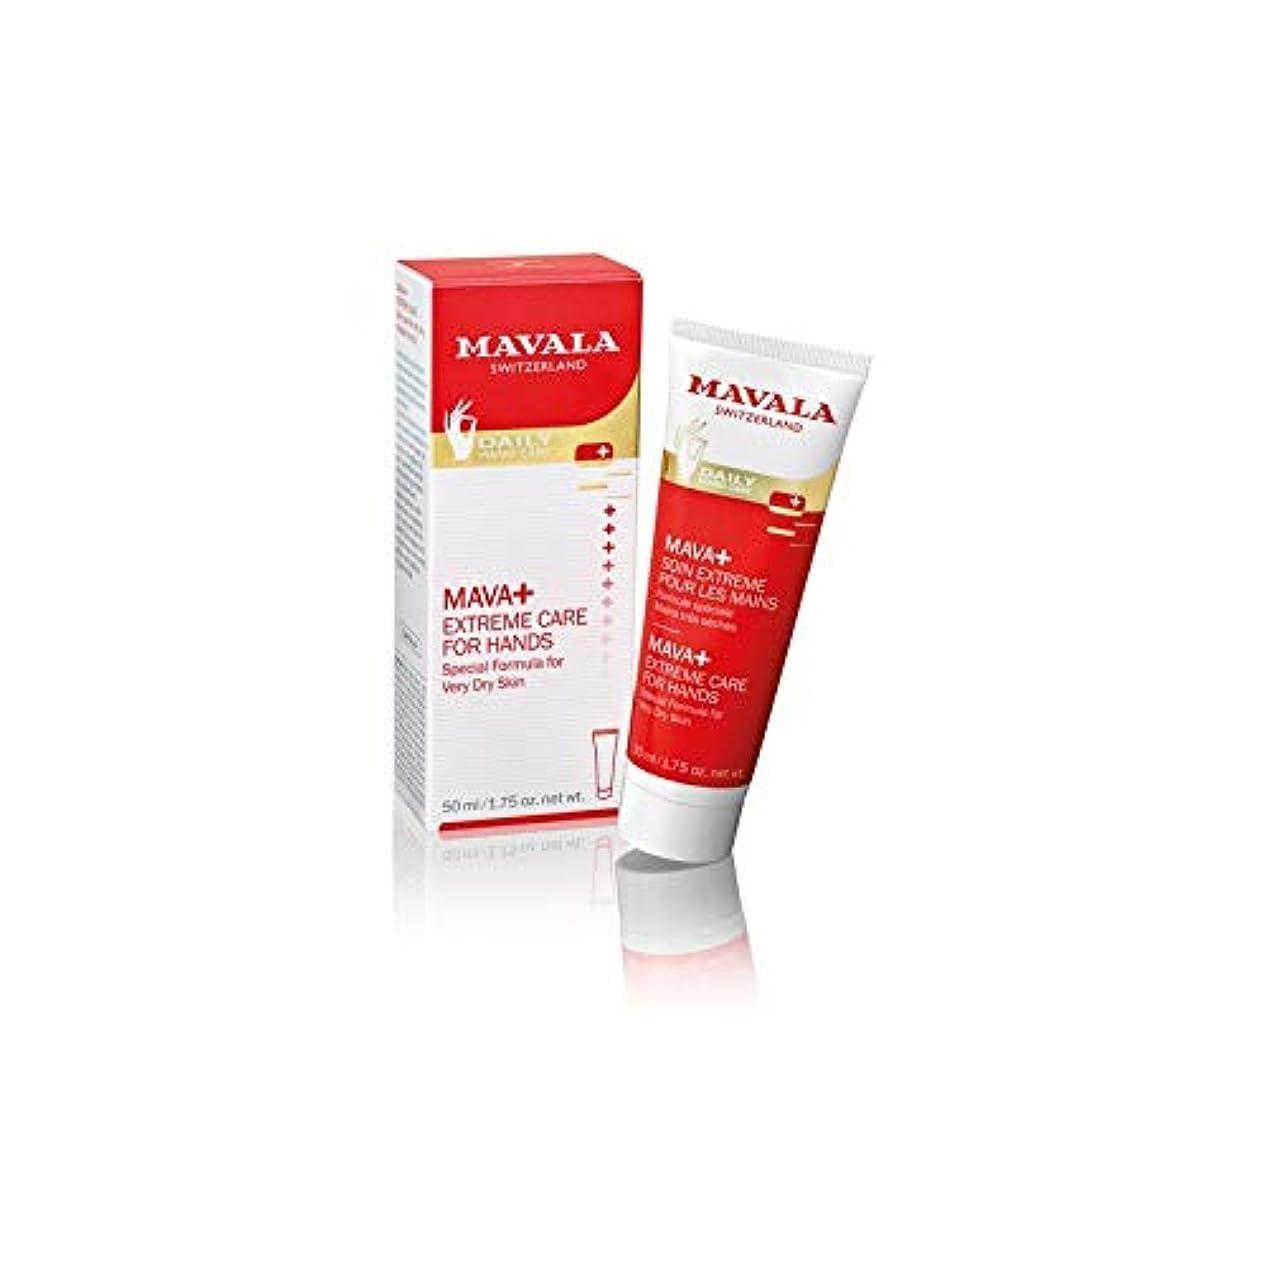 ストラップ承知しました上級[Mavala] マヴァラMavalaのMava +ハンドクリーム - 手のために細心の注意を払っ(50ミリリットル) - Mavala Mava+ Hand Cream - Extreme Care For Hands...